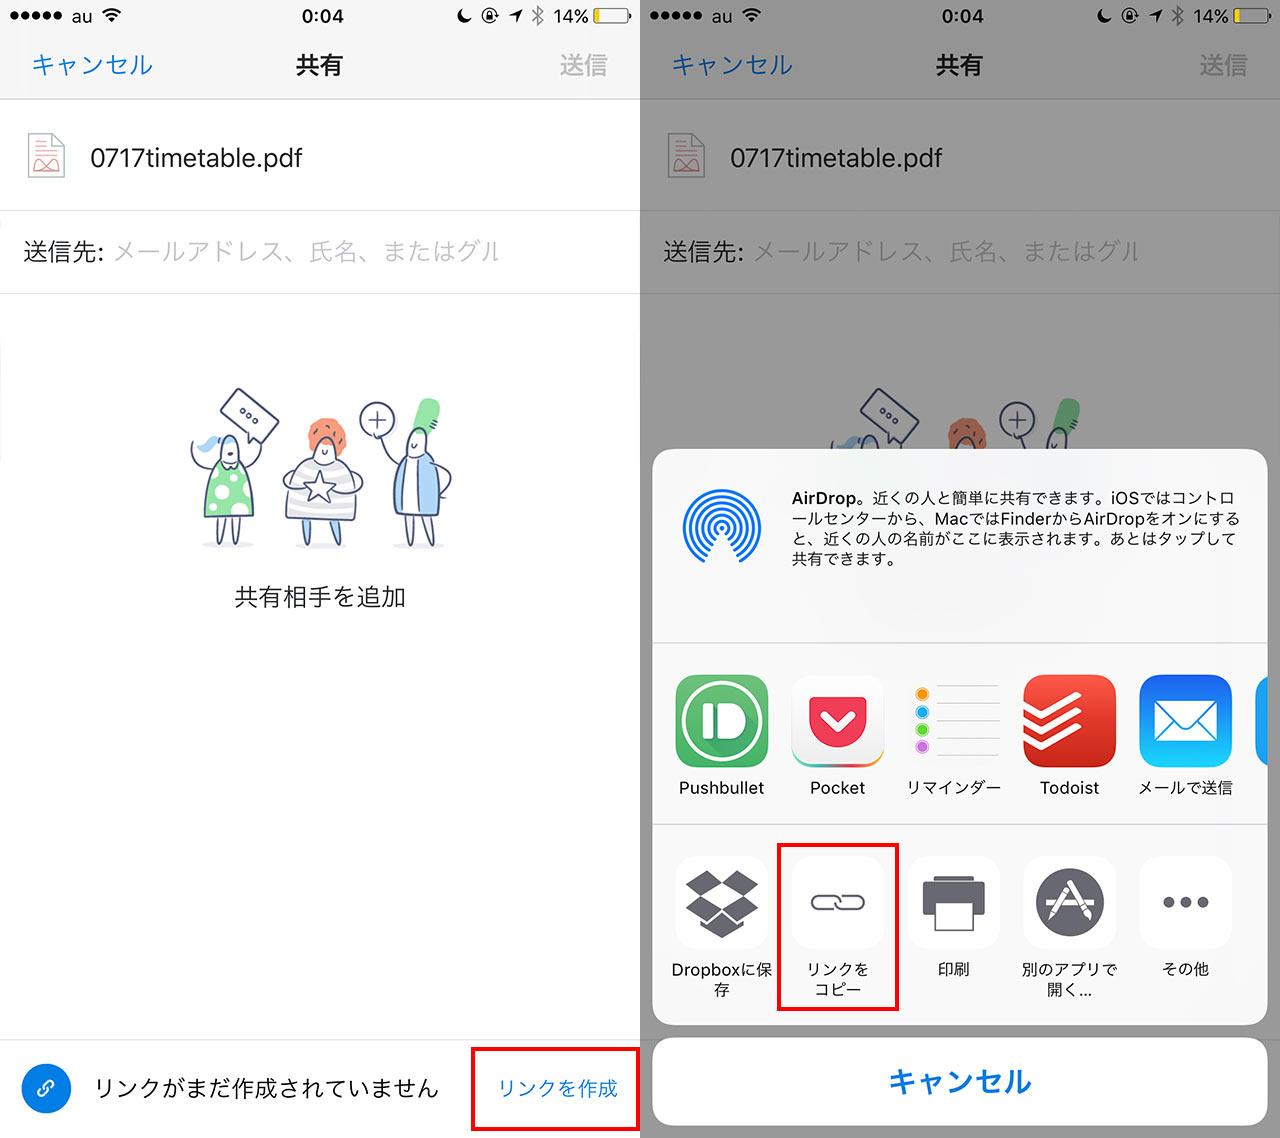 iPhoneで写真や動画を共有するのにDropboxが便利! | delaymania